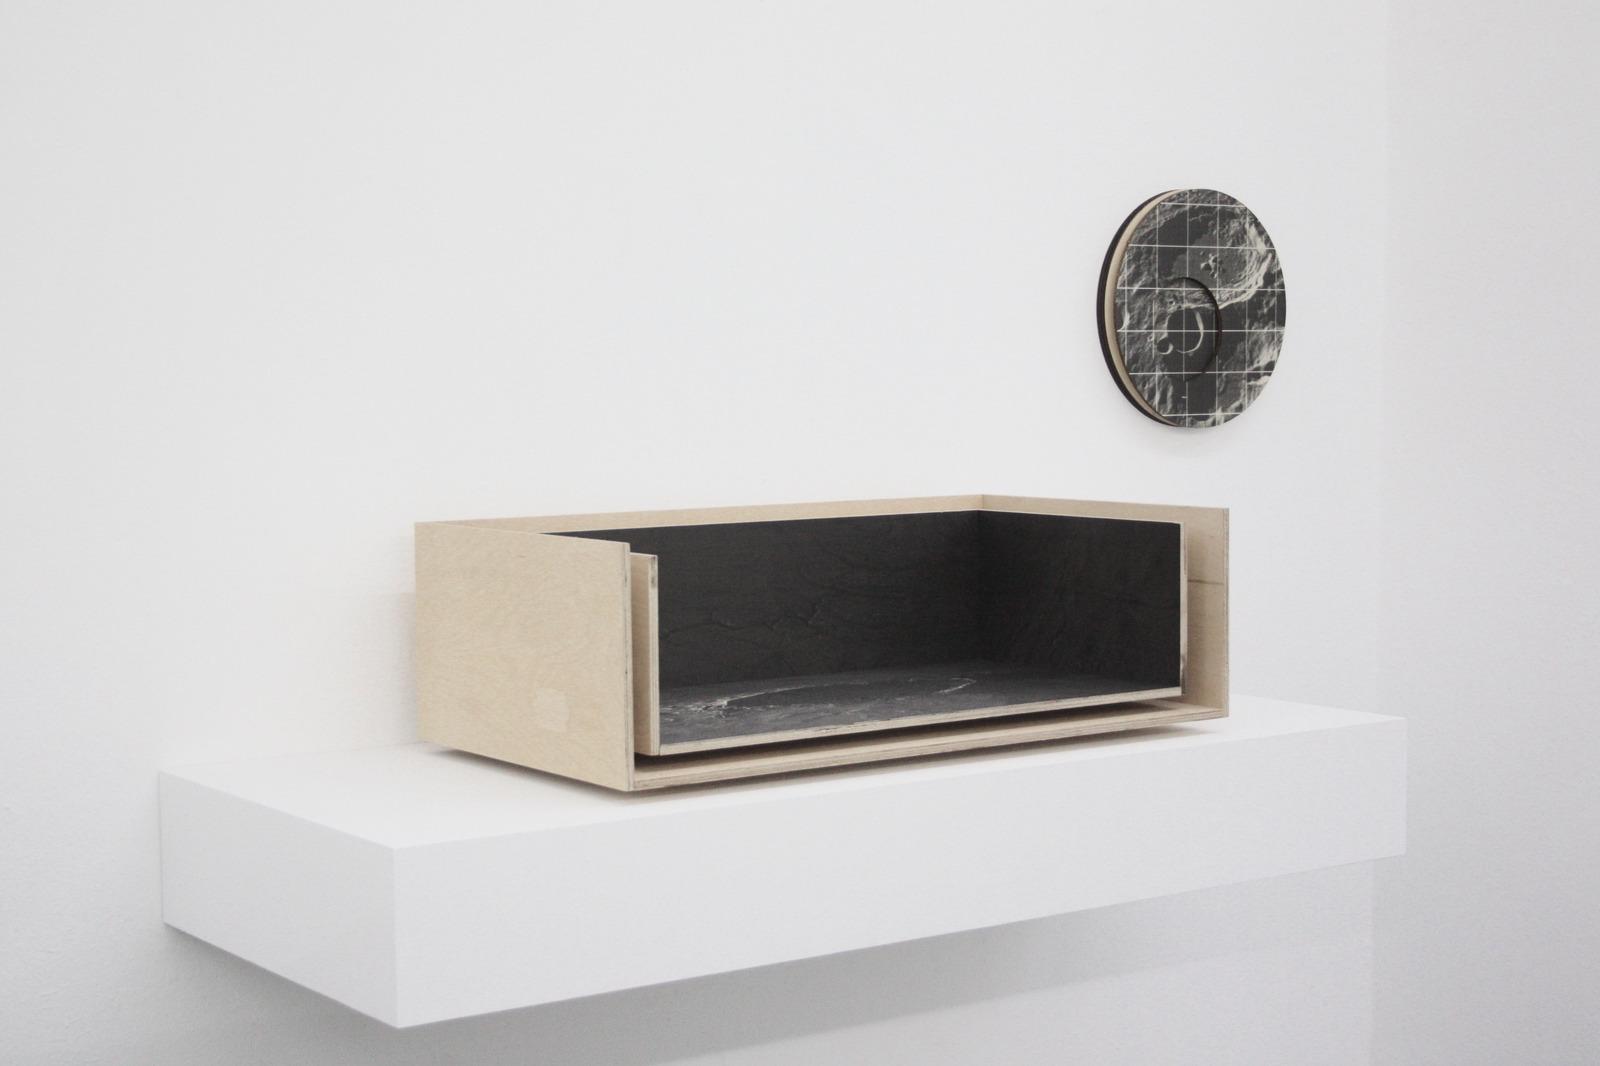 Katleen Vinck, installation view